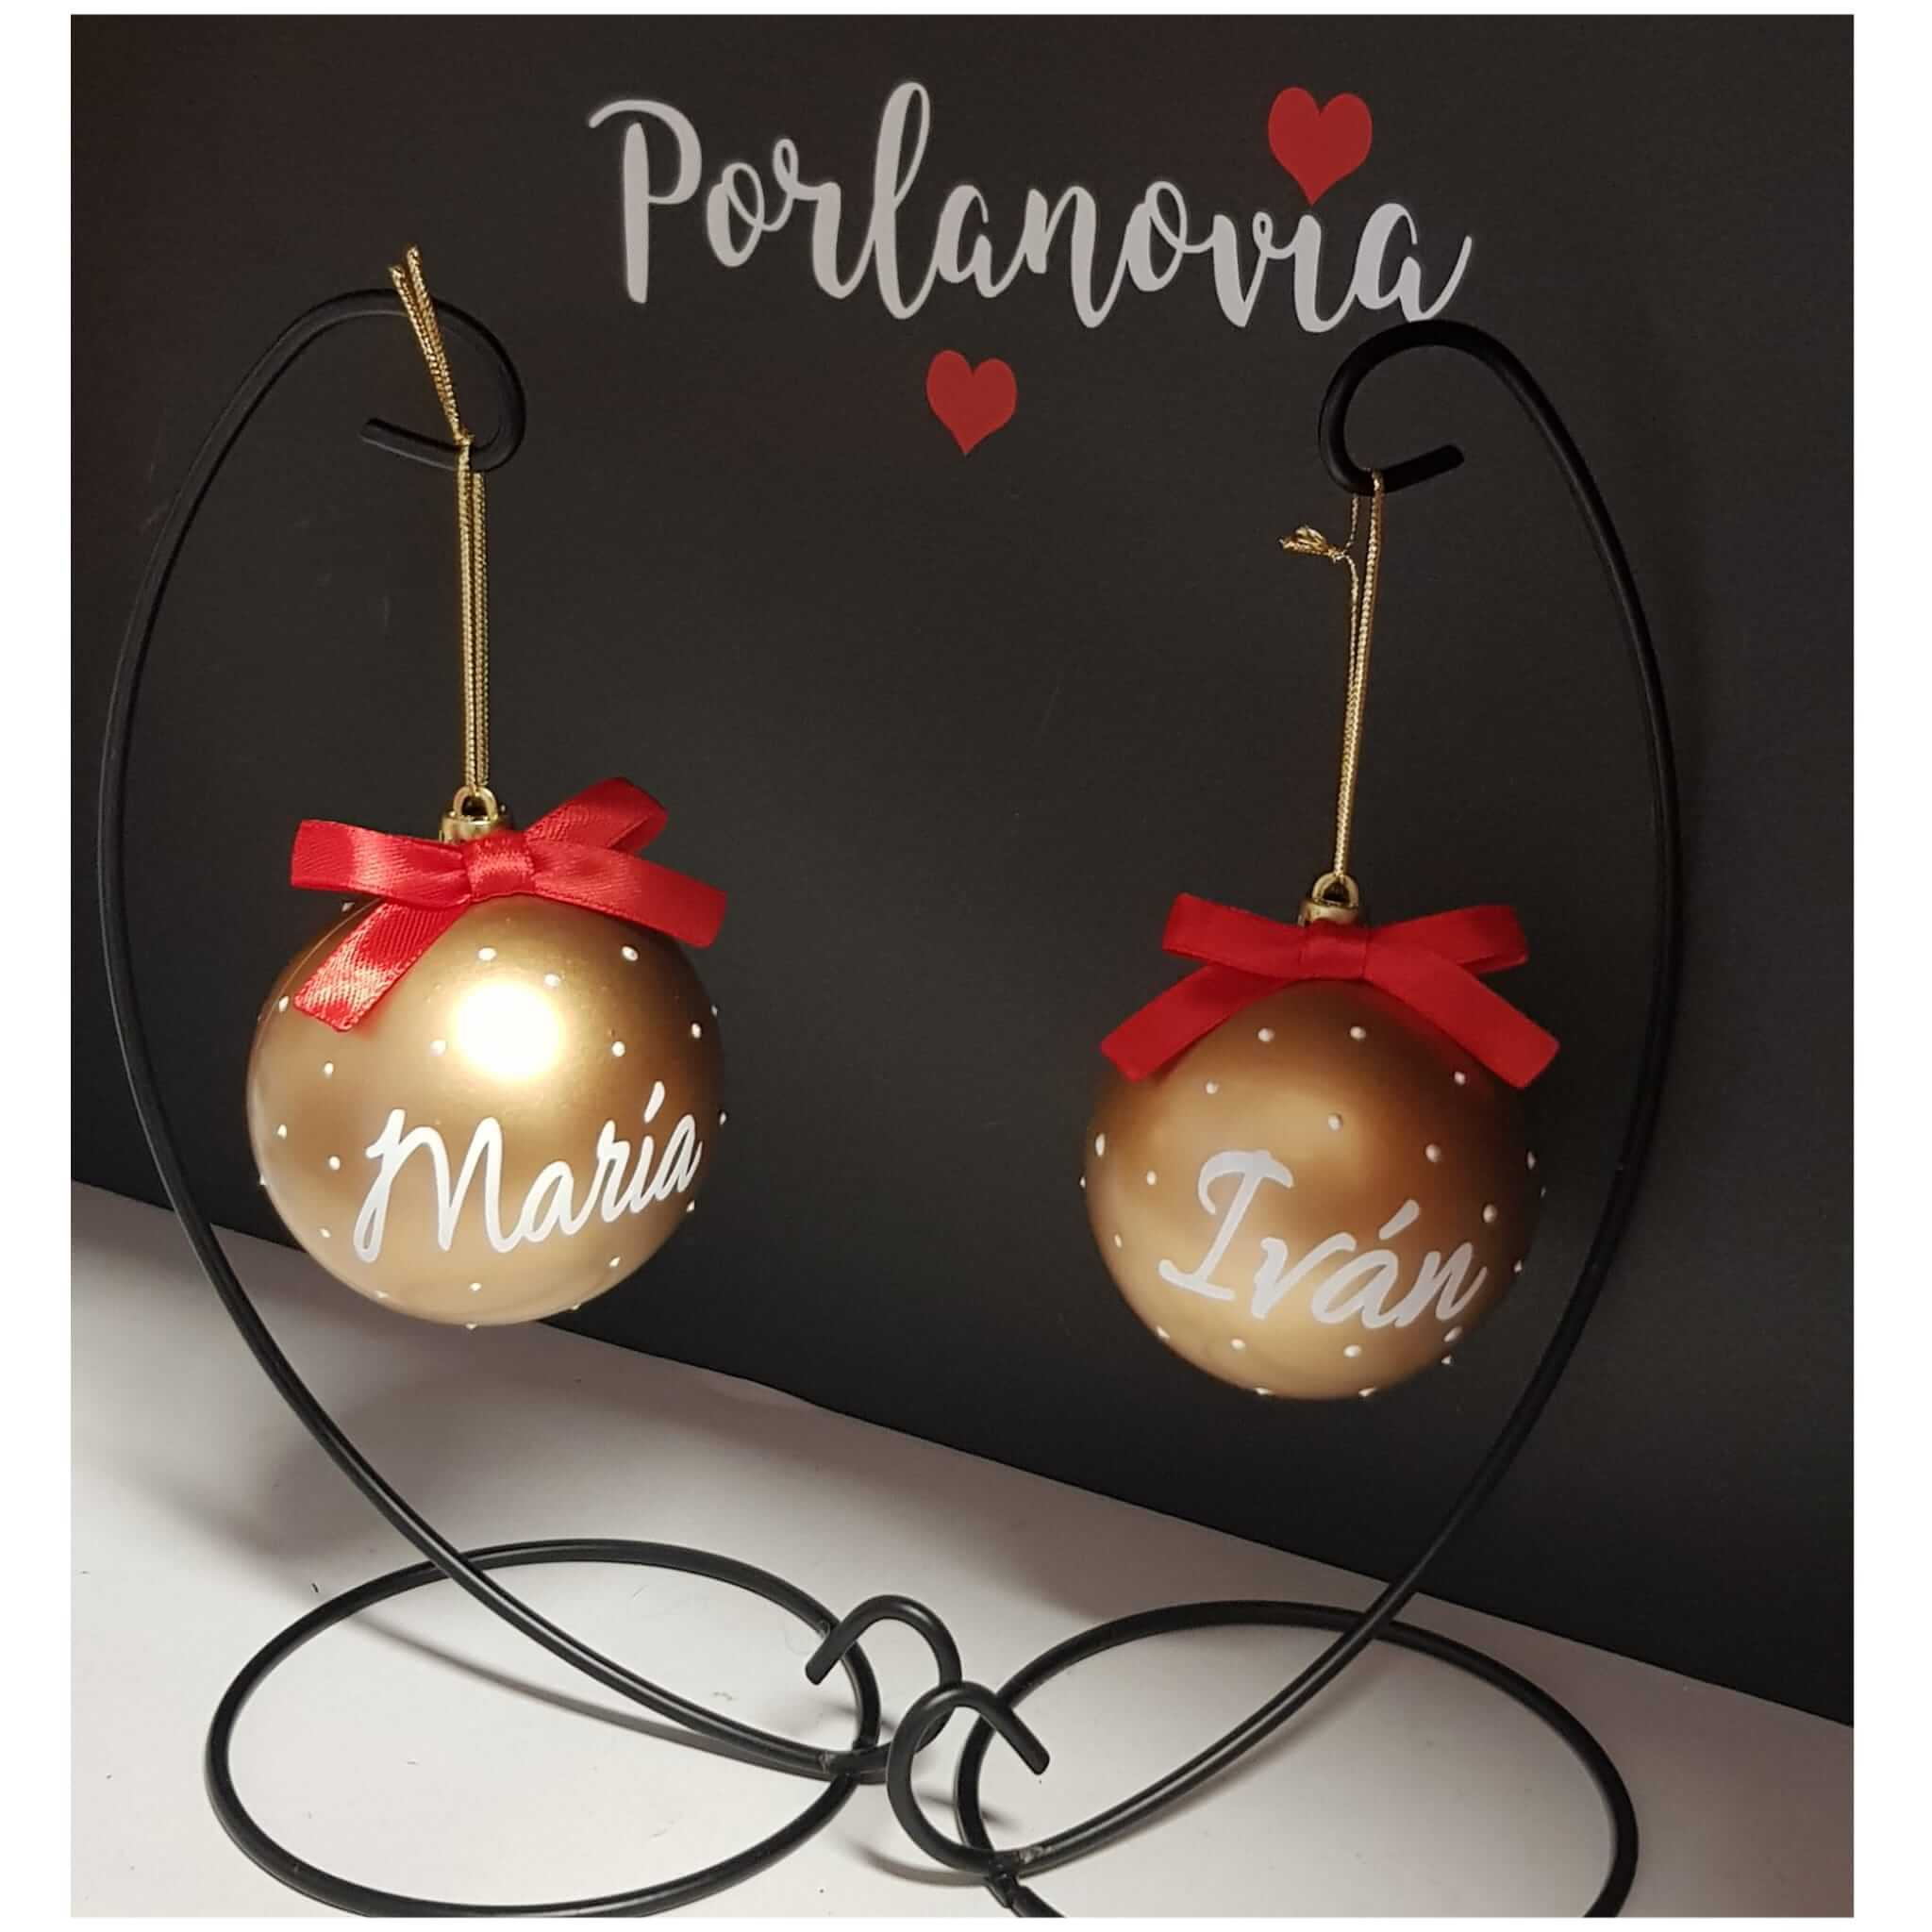 bolas de navidad personalizadas bolas navideñas bola de navidad bolas navidad personalizadas  bolas de navidad - bolas de navidad personalizadas bolas navide  as bola de navidad 1 - Bolas de navidad personalizadas |  Bola de navidad